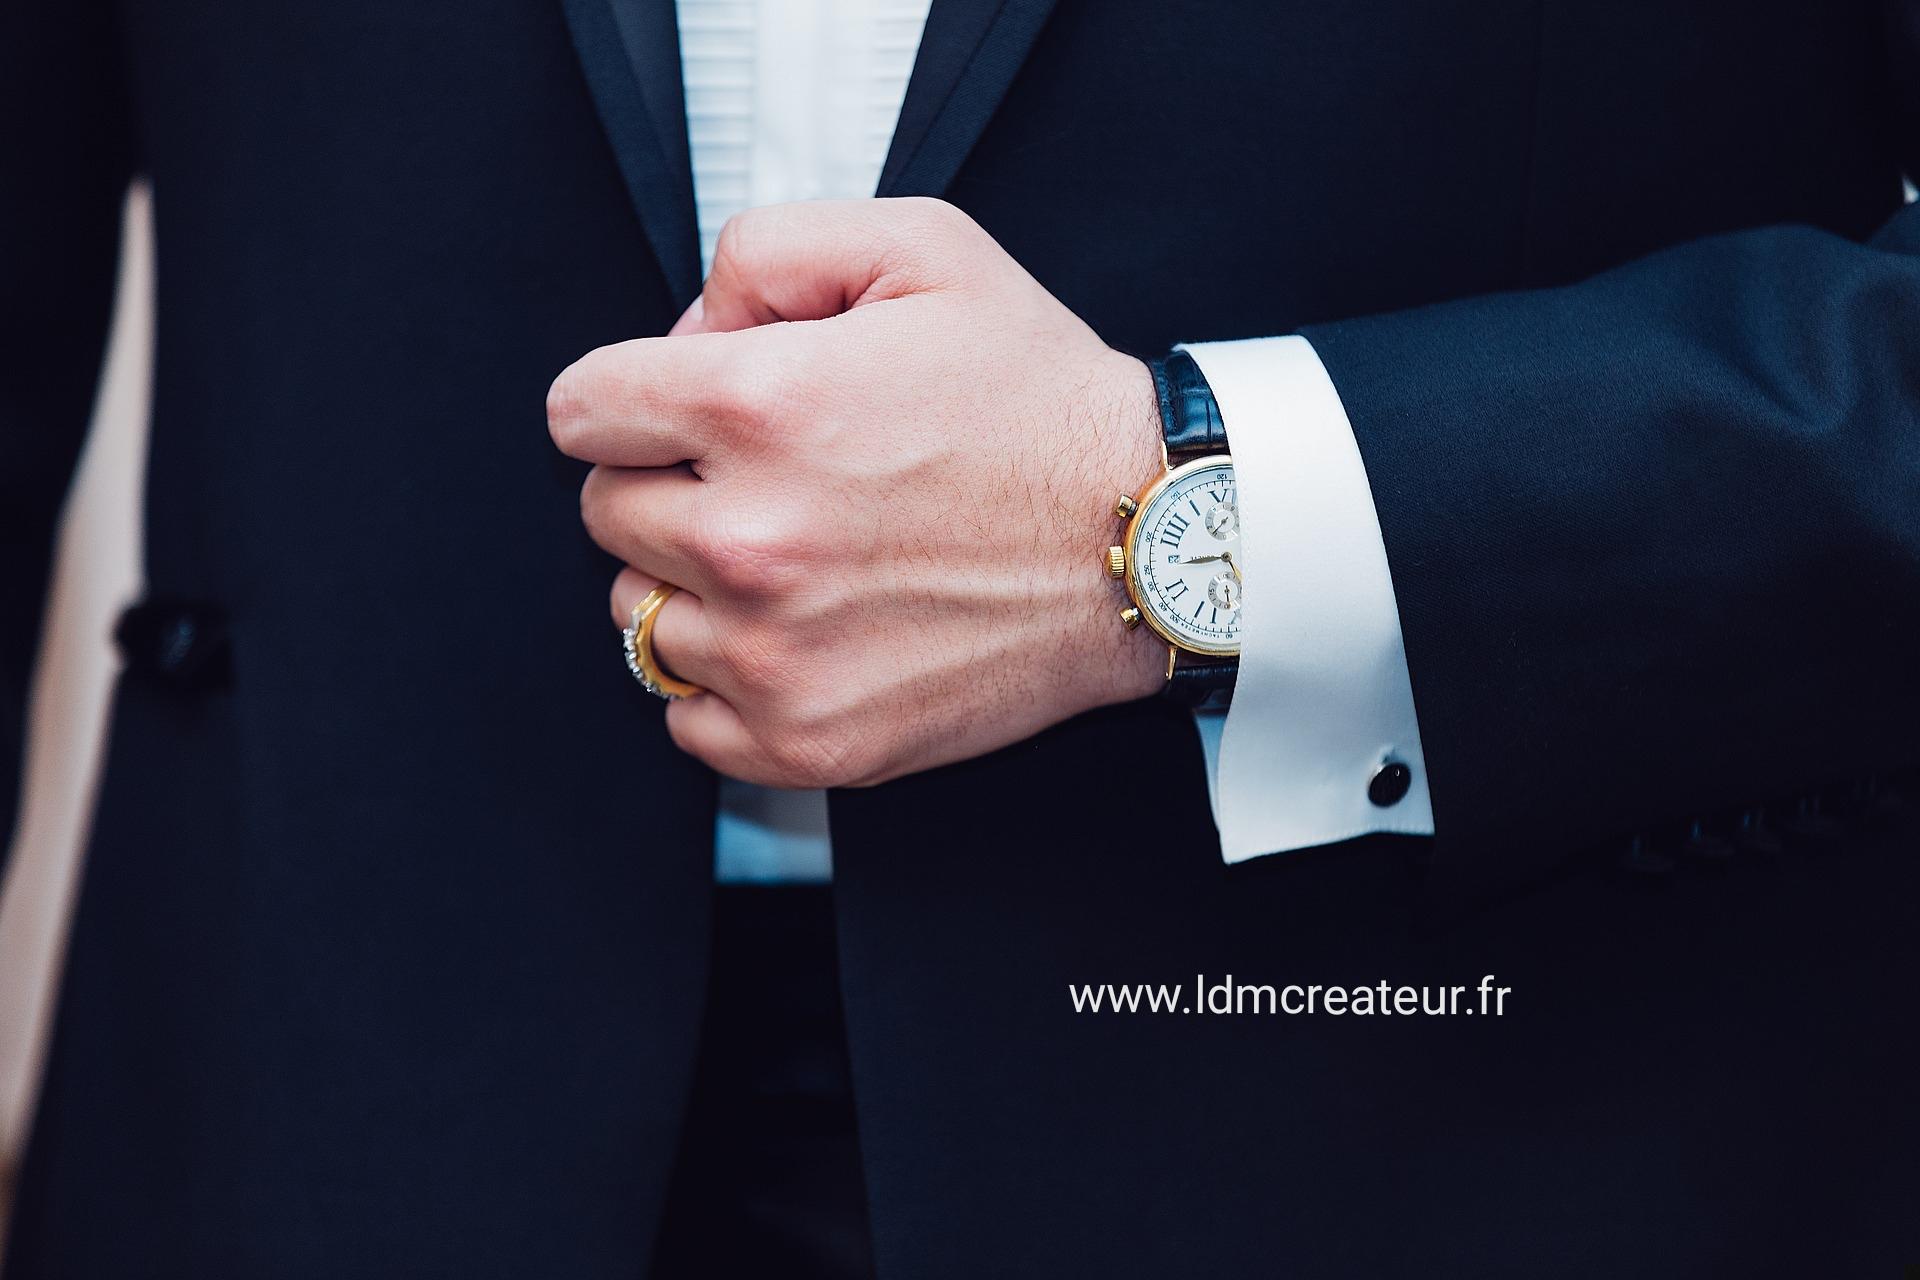 www-ldmcreateur-fr-marie-mariage-costume-smoking-elegance-